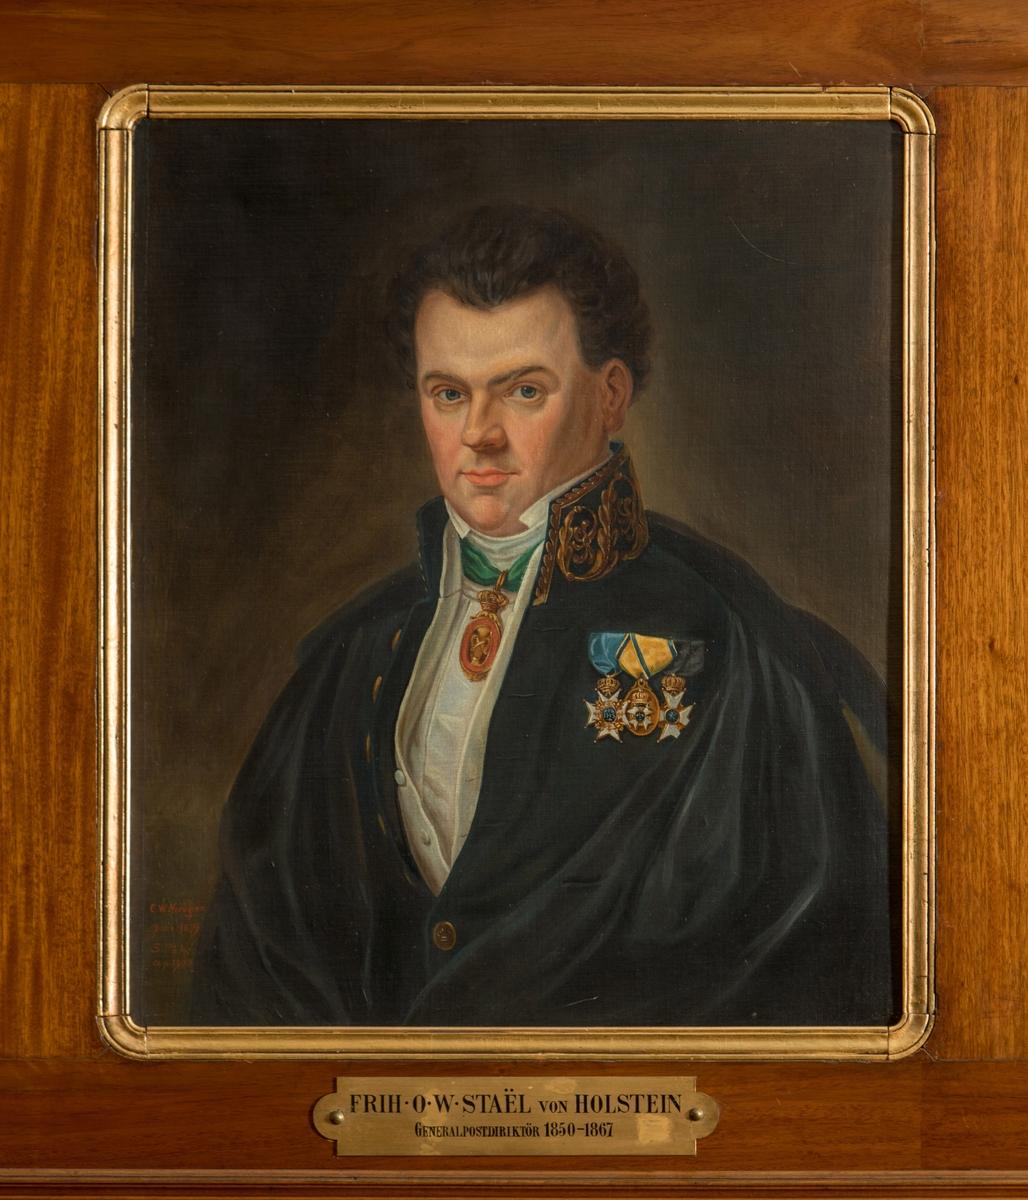 Staël von Holstein, Otto Wilhelm (1802 - 1884)